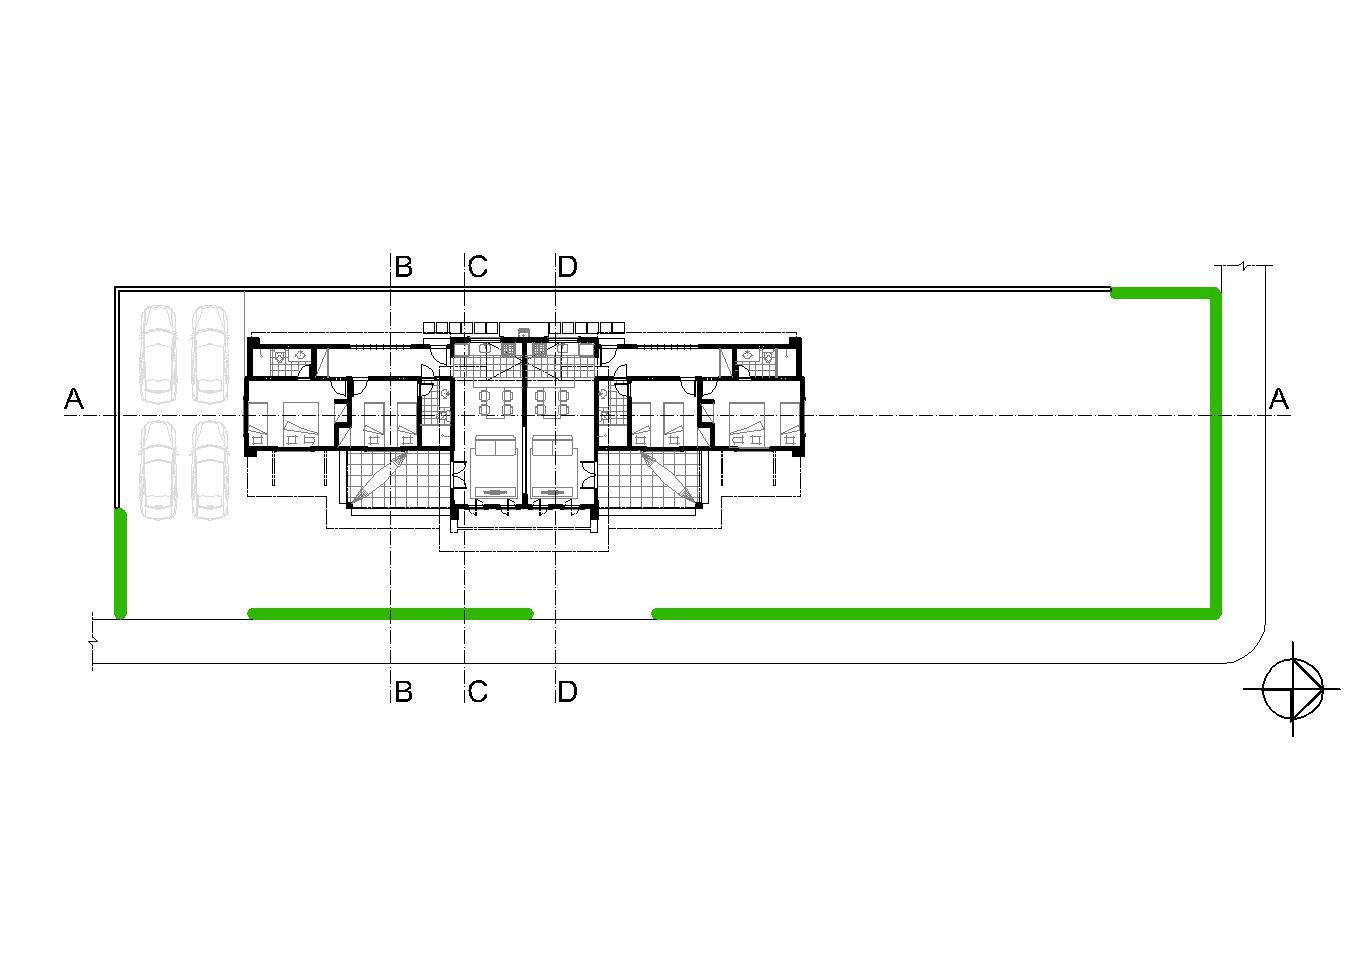 Planta Baixa Planta Baixa . 01 Quarto; 02 Banheiro; 03 Circulação  #2BB608 1362 962